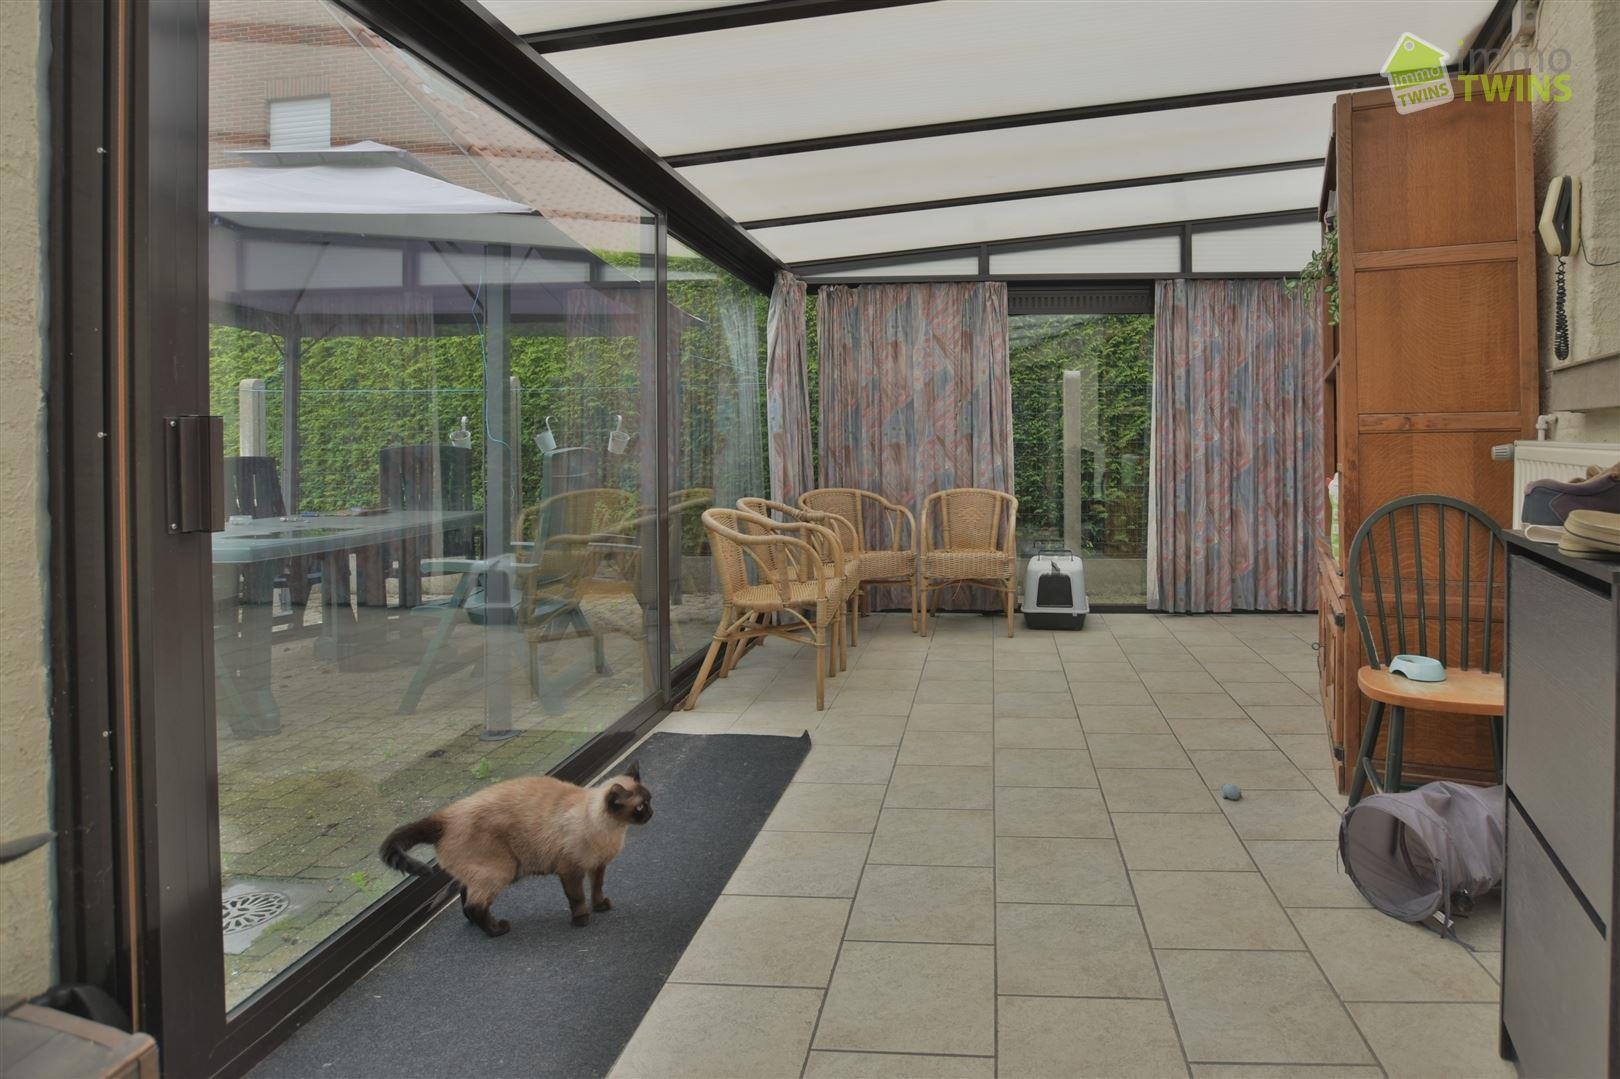 Foto 5 : Woning te 9200 SINT-GILLIS-DENDERMONDE (België) - Prijs € 225.000